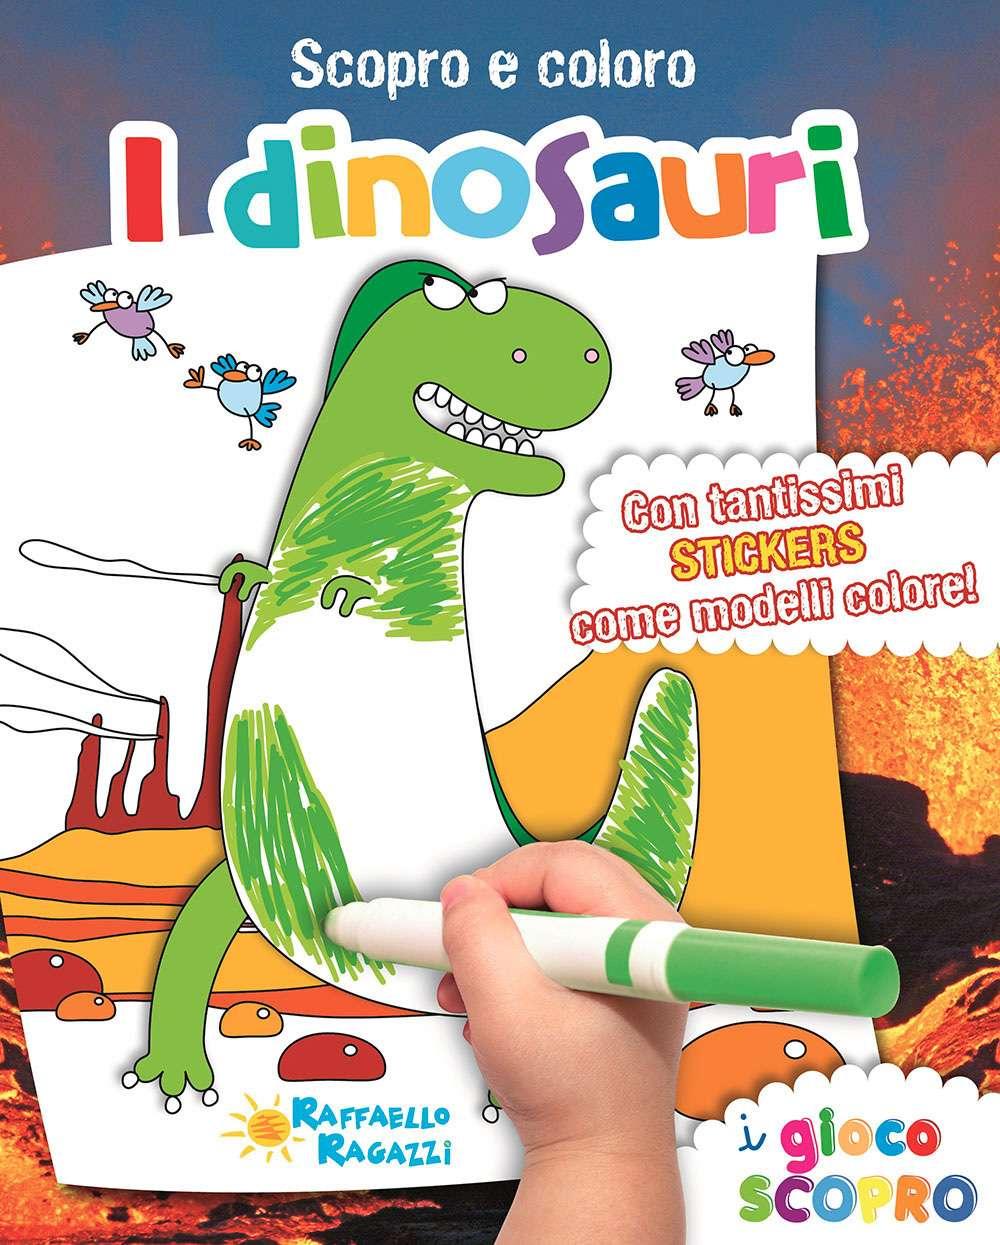 Scopro e coloro - I dinosauri